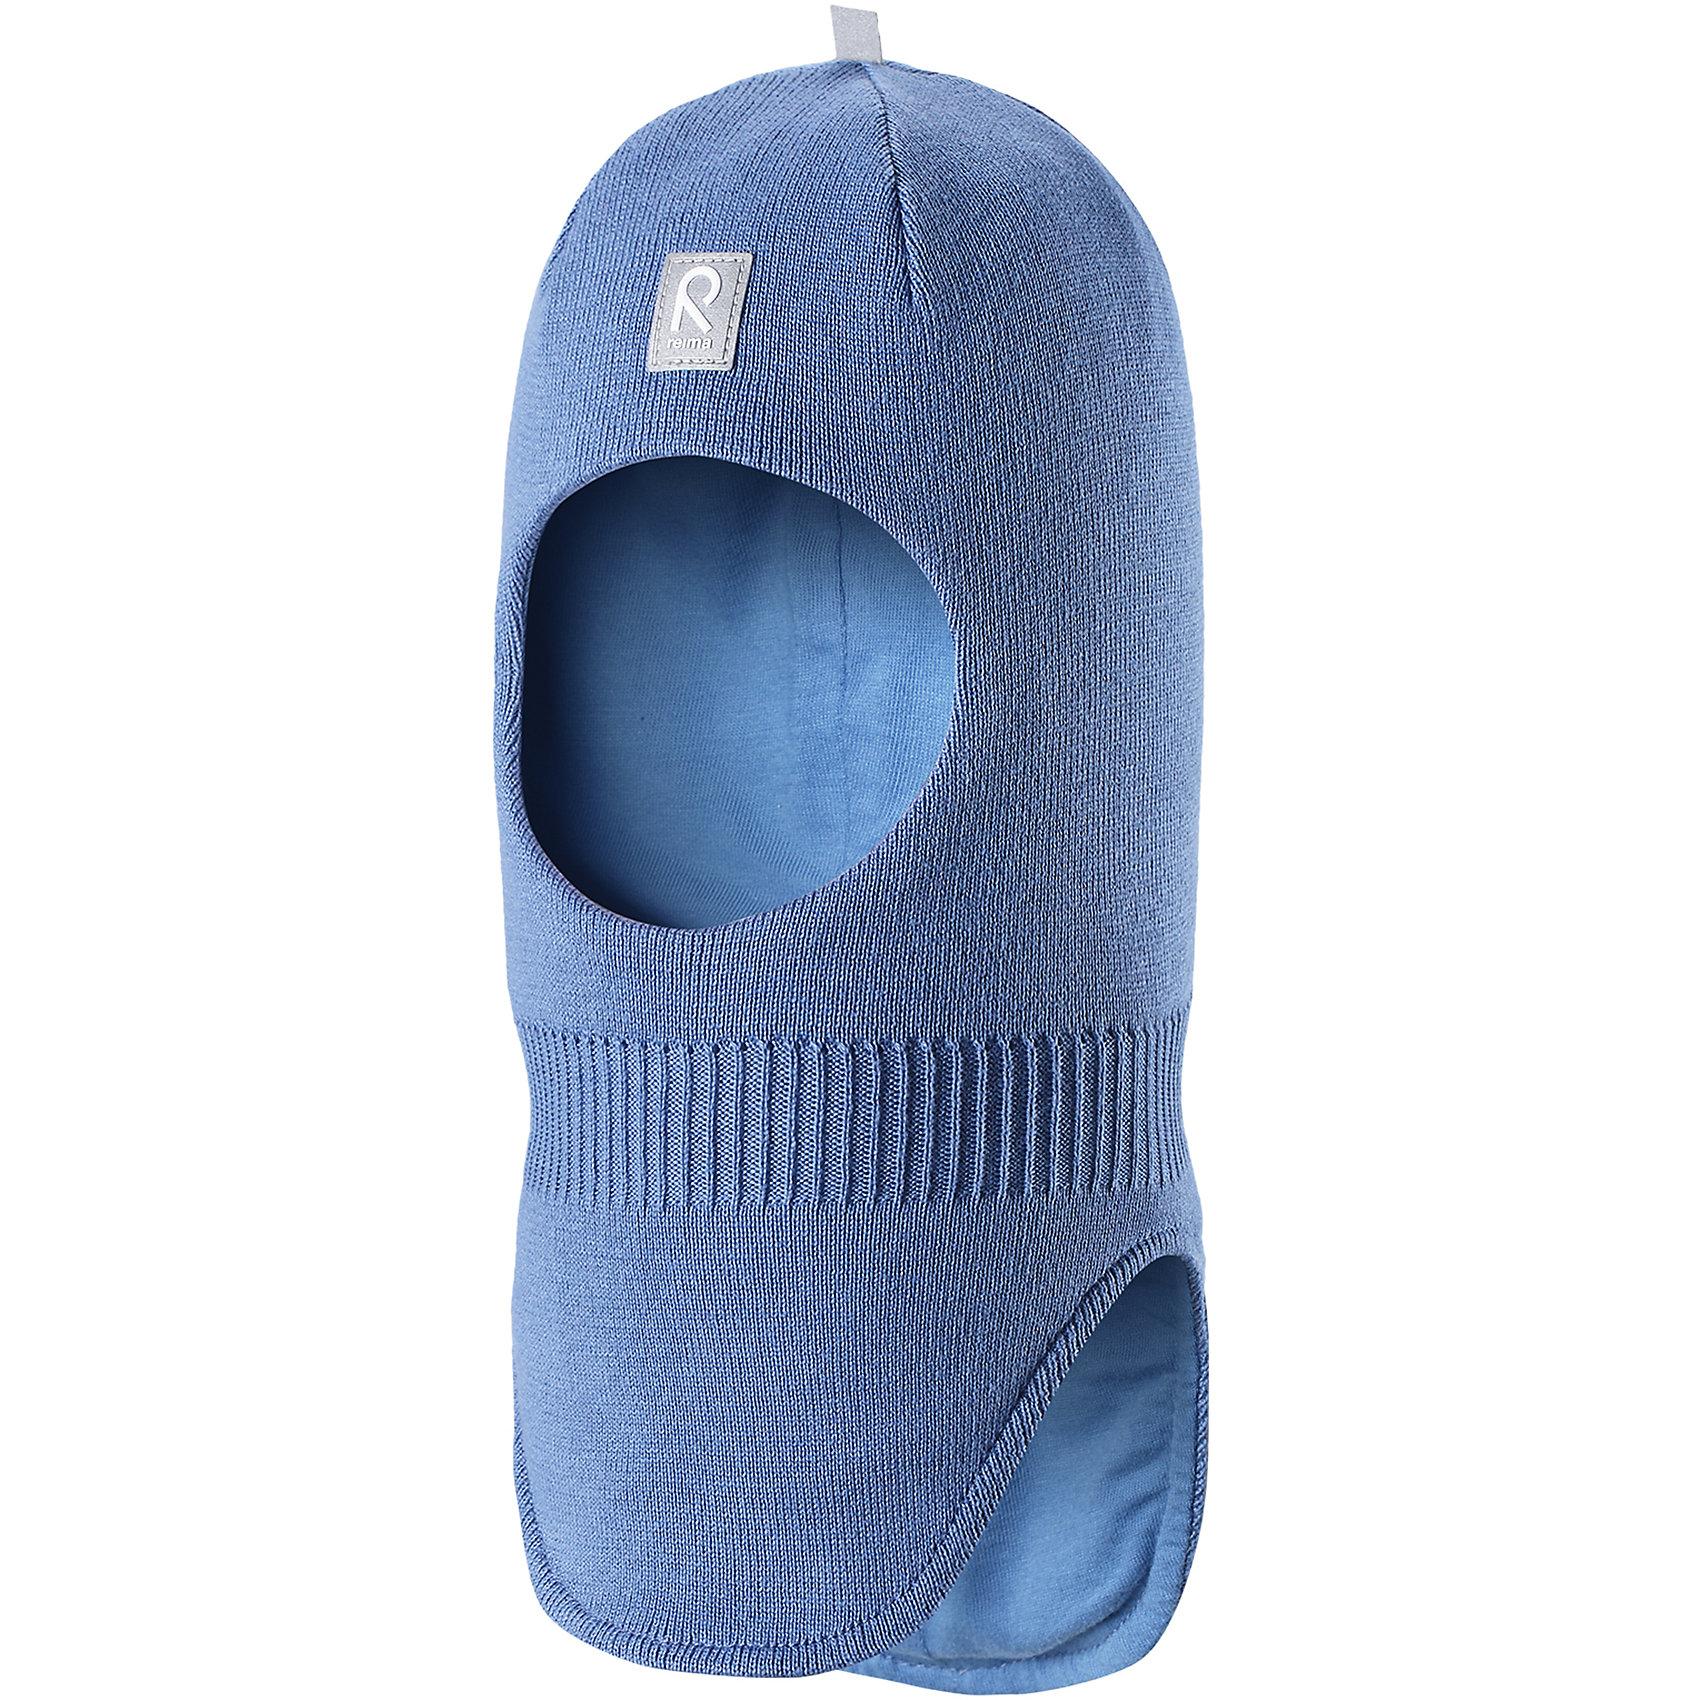 Шапка-шлем Ades ReimaШапки и шарфы<br>Характеристики товара:<br><br>• цвет: голубой<br>• состав: 100% хлопок<br>• сплошная подкладка из хлопкового трикотажа<br>• температурный режим: от -5С до +10С<br>• эластичный хлопковый трикотаж<br>• изделие сертифицированно по стандарту Oeko-Tex на продукцию класса 1 - одежда для новорождённых<br>• эмблема Reima спереди<br>• светоотражающие детали<br>• страна бренда: Финляндия<br>• страна производства: Китай<br><br>Детский головной убор может быть модным и удобным одновременно. Стильная шапка-шлем поможет обеспечить ребенку комфорт и дополнить наряд. Шапка удобно сидит и аккуратно выглядит. Проста в уходе, долго служит. Стильный дизайн разрабатывался специально для детей. Отличная защита от дождя и ветра!<br><br>Уход:<br><br>• стирать по отдельности, вывернув наизнанку<br>• придать первоначальную форму вo влажном виде<br>• возможна усадка 5 %.<br><br>Шапку-шлем от финского бренда Reima (Рейма) можно купить в нашем интернет-магазине.<br><br>Ширина мм: 89<br>Глубина мм: 117<br>Высота мм: 44<br>Вес г: 155<br>Цвет: синий<br>Возраст от месяцев: 6<br>Возраст до месяцев: 9<br>Пол: Унисекс<br>Возраст: Детский<br>Размер: 46,52,48,50<br>SKU: 5271060